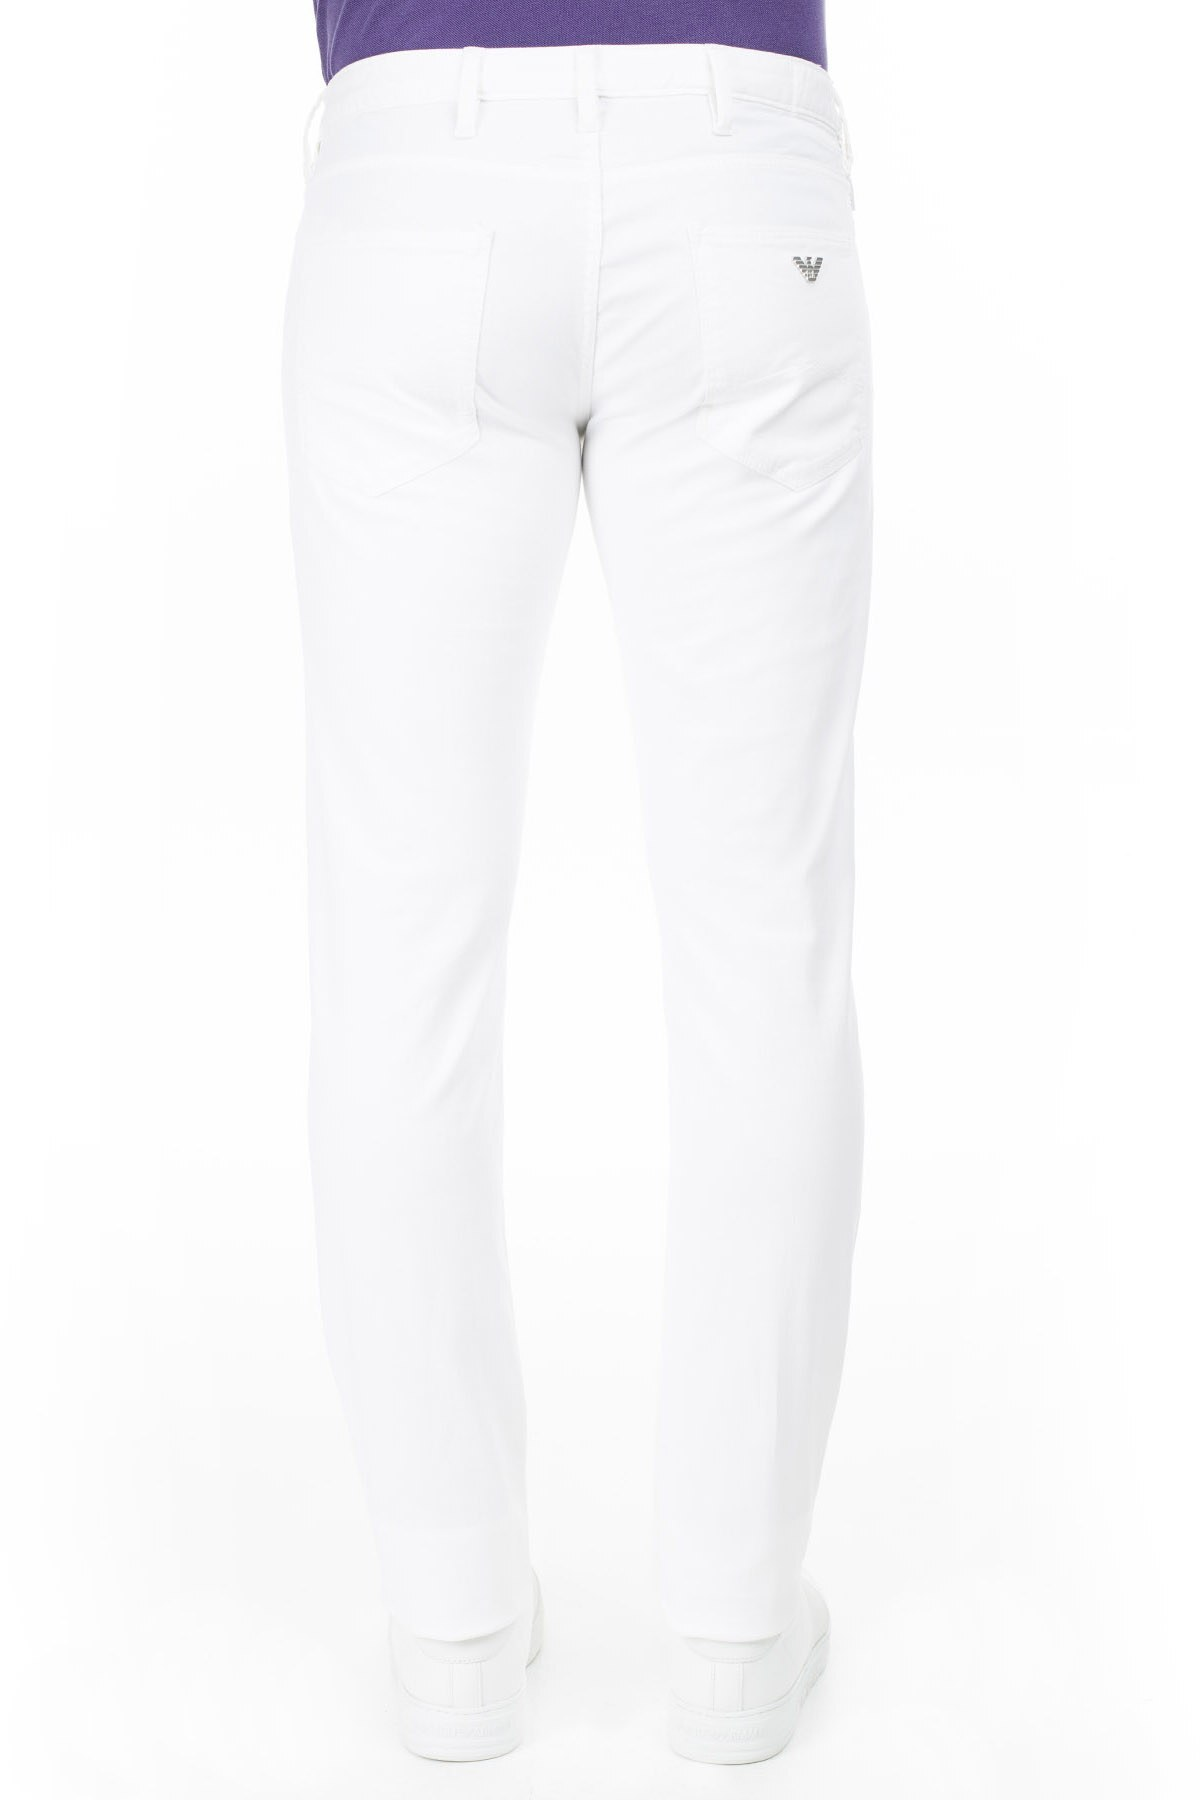 Armani J06 Jeans Erkek Kot Pantolon 3Y6J06 6D18Z 1100 BEYAZ